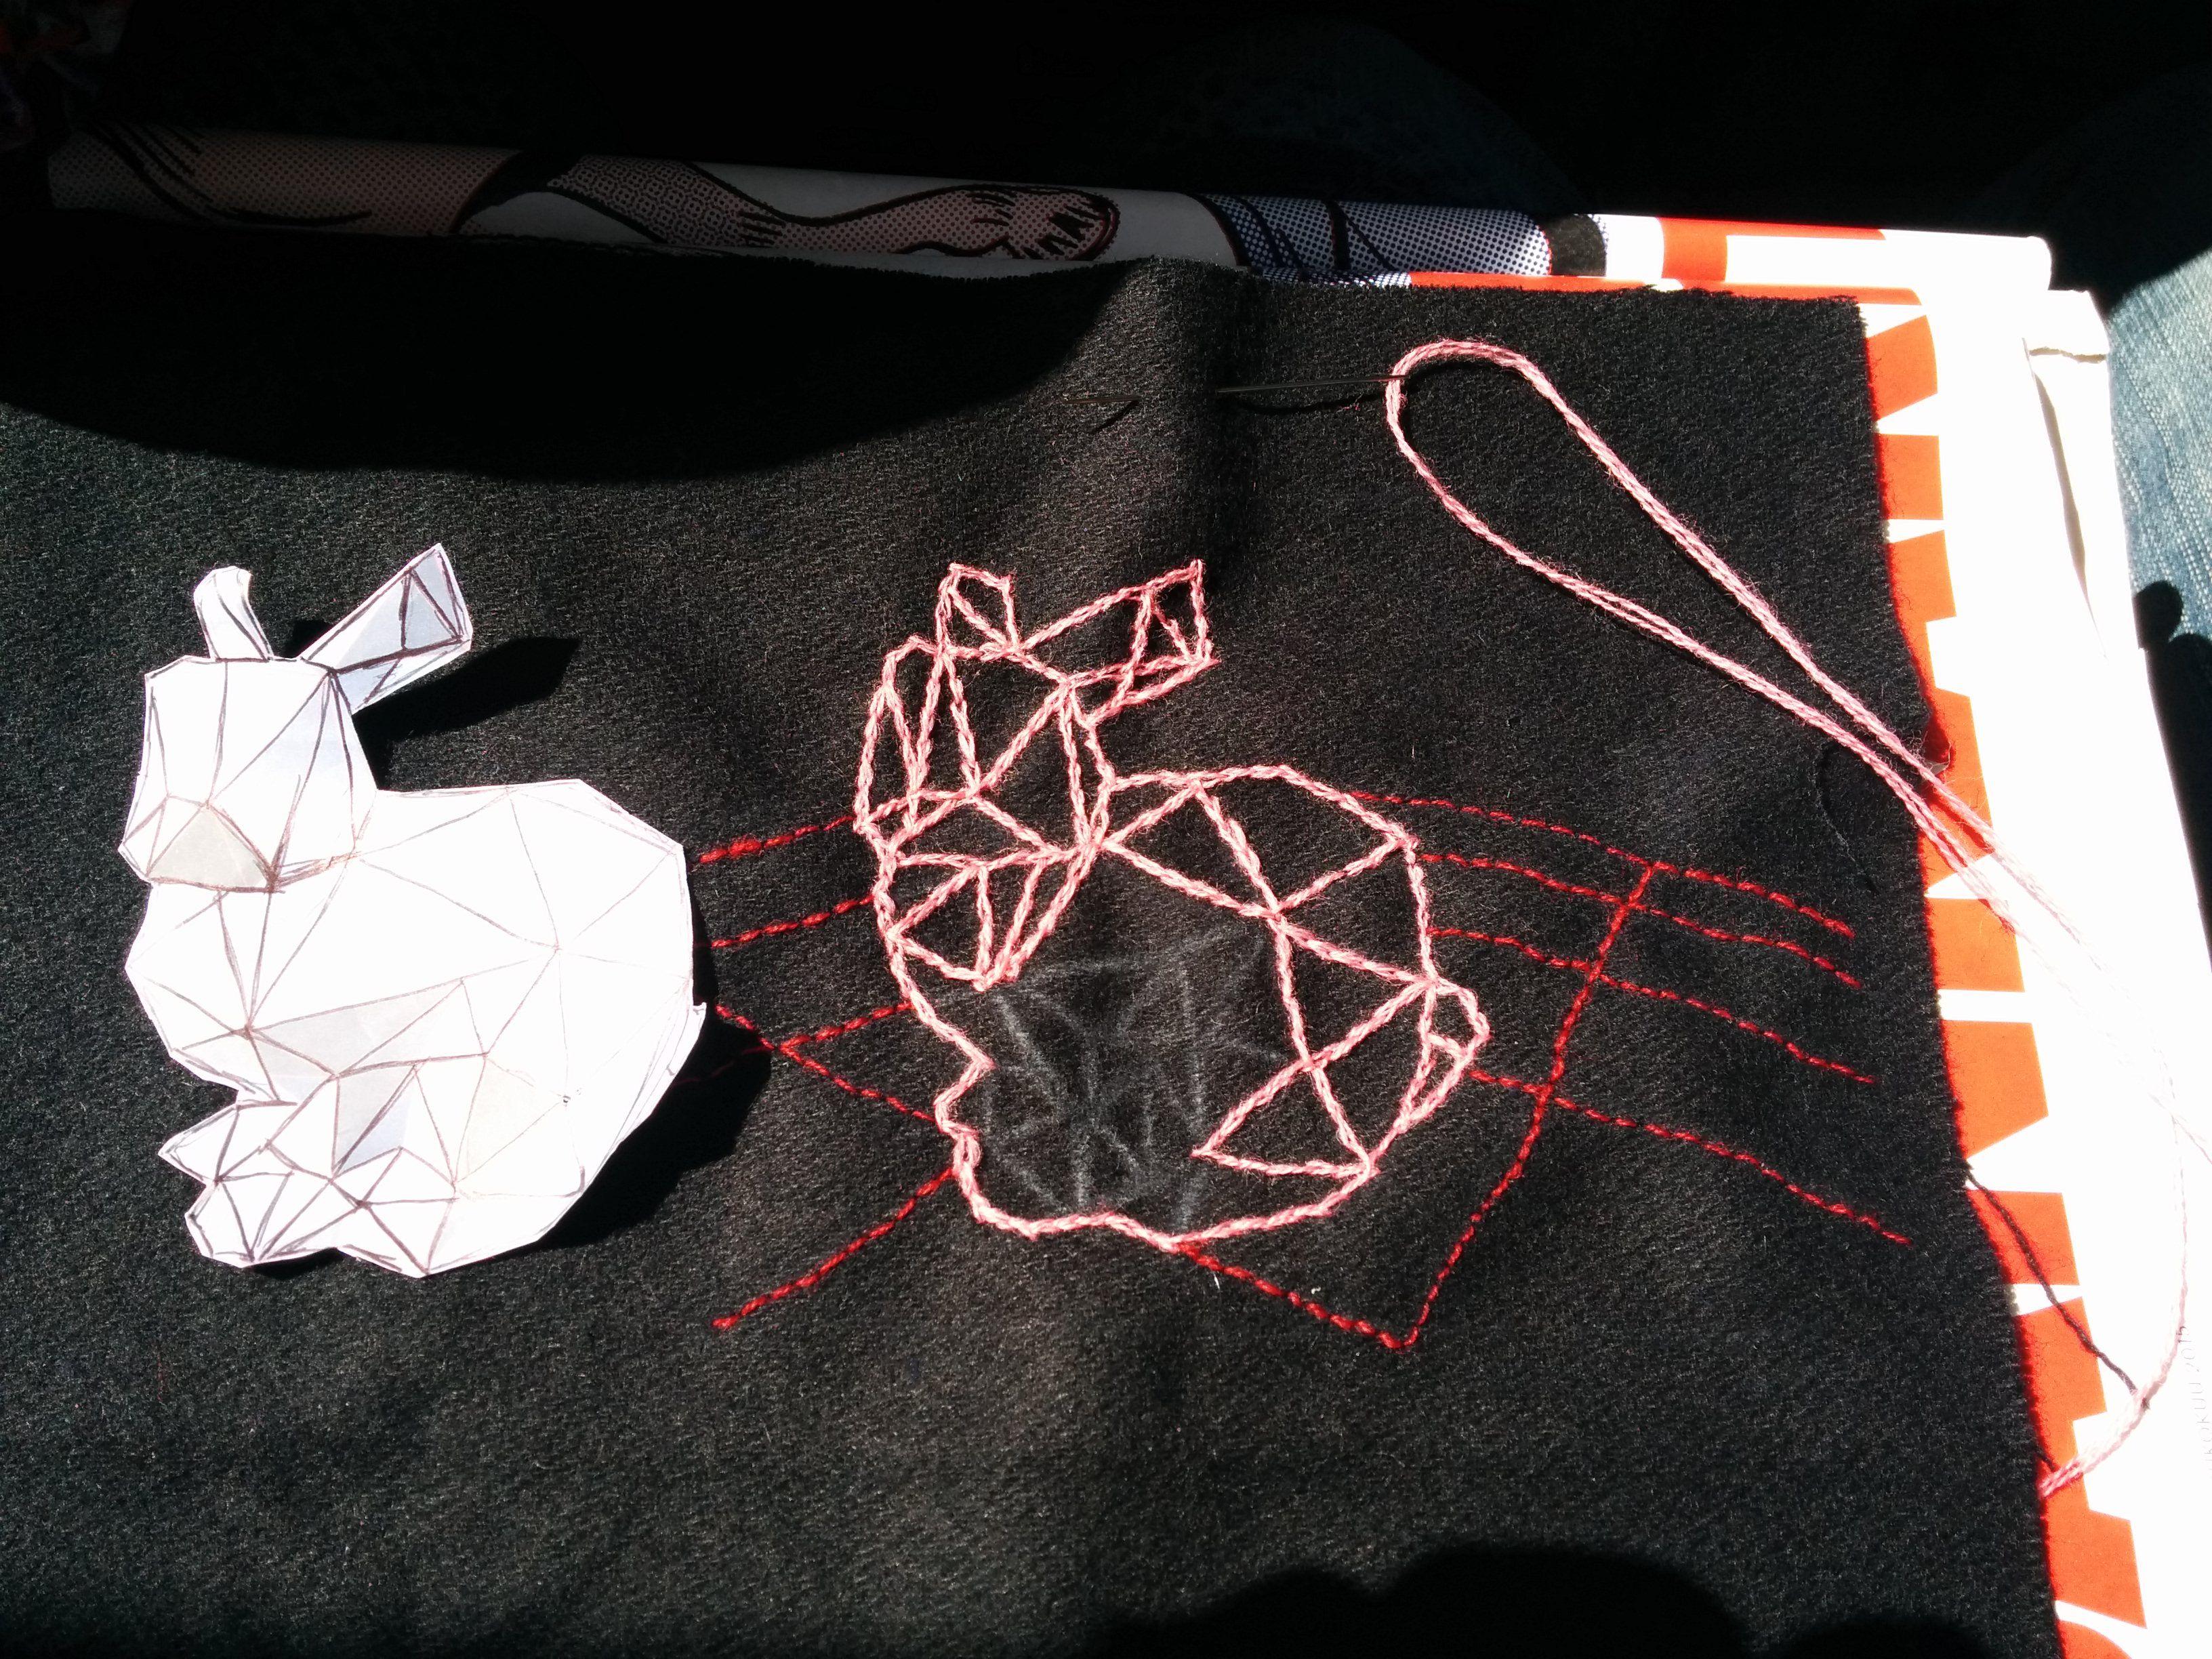 Kirjoin pupun ääriviivat ja sitten kolmiokuvioinnin. Vahvistin paperikaavan viivat kuulakärkikynällä ja kopioin ne silmämäärisesti kankaalle. Tässä piti vähän yksinkertaistaa mallia!